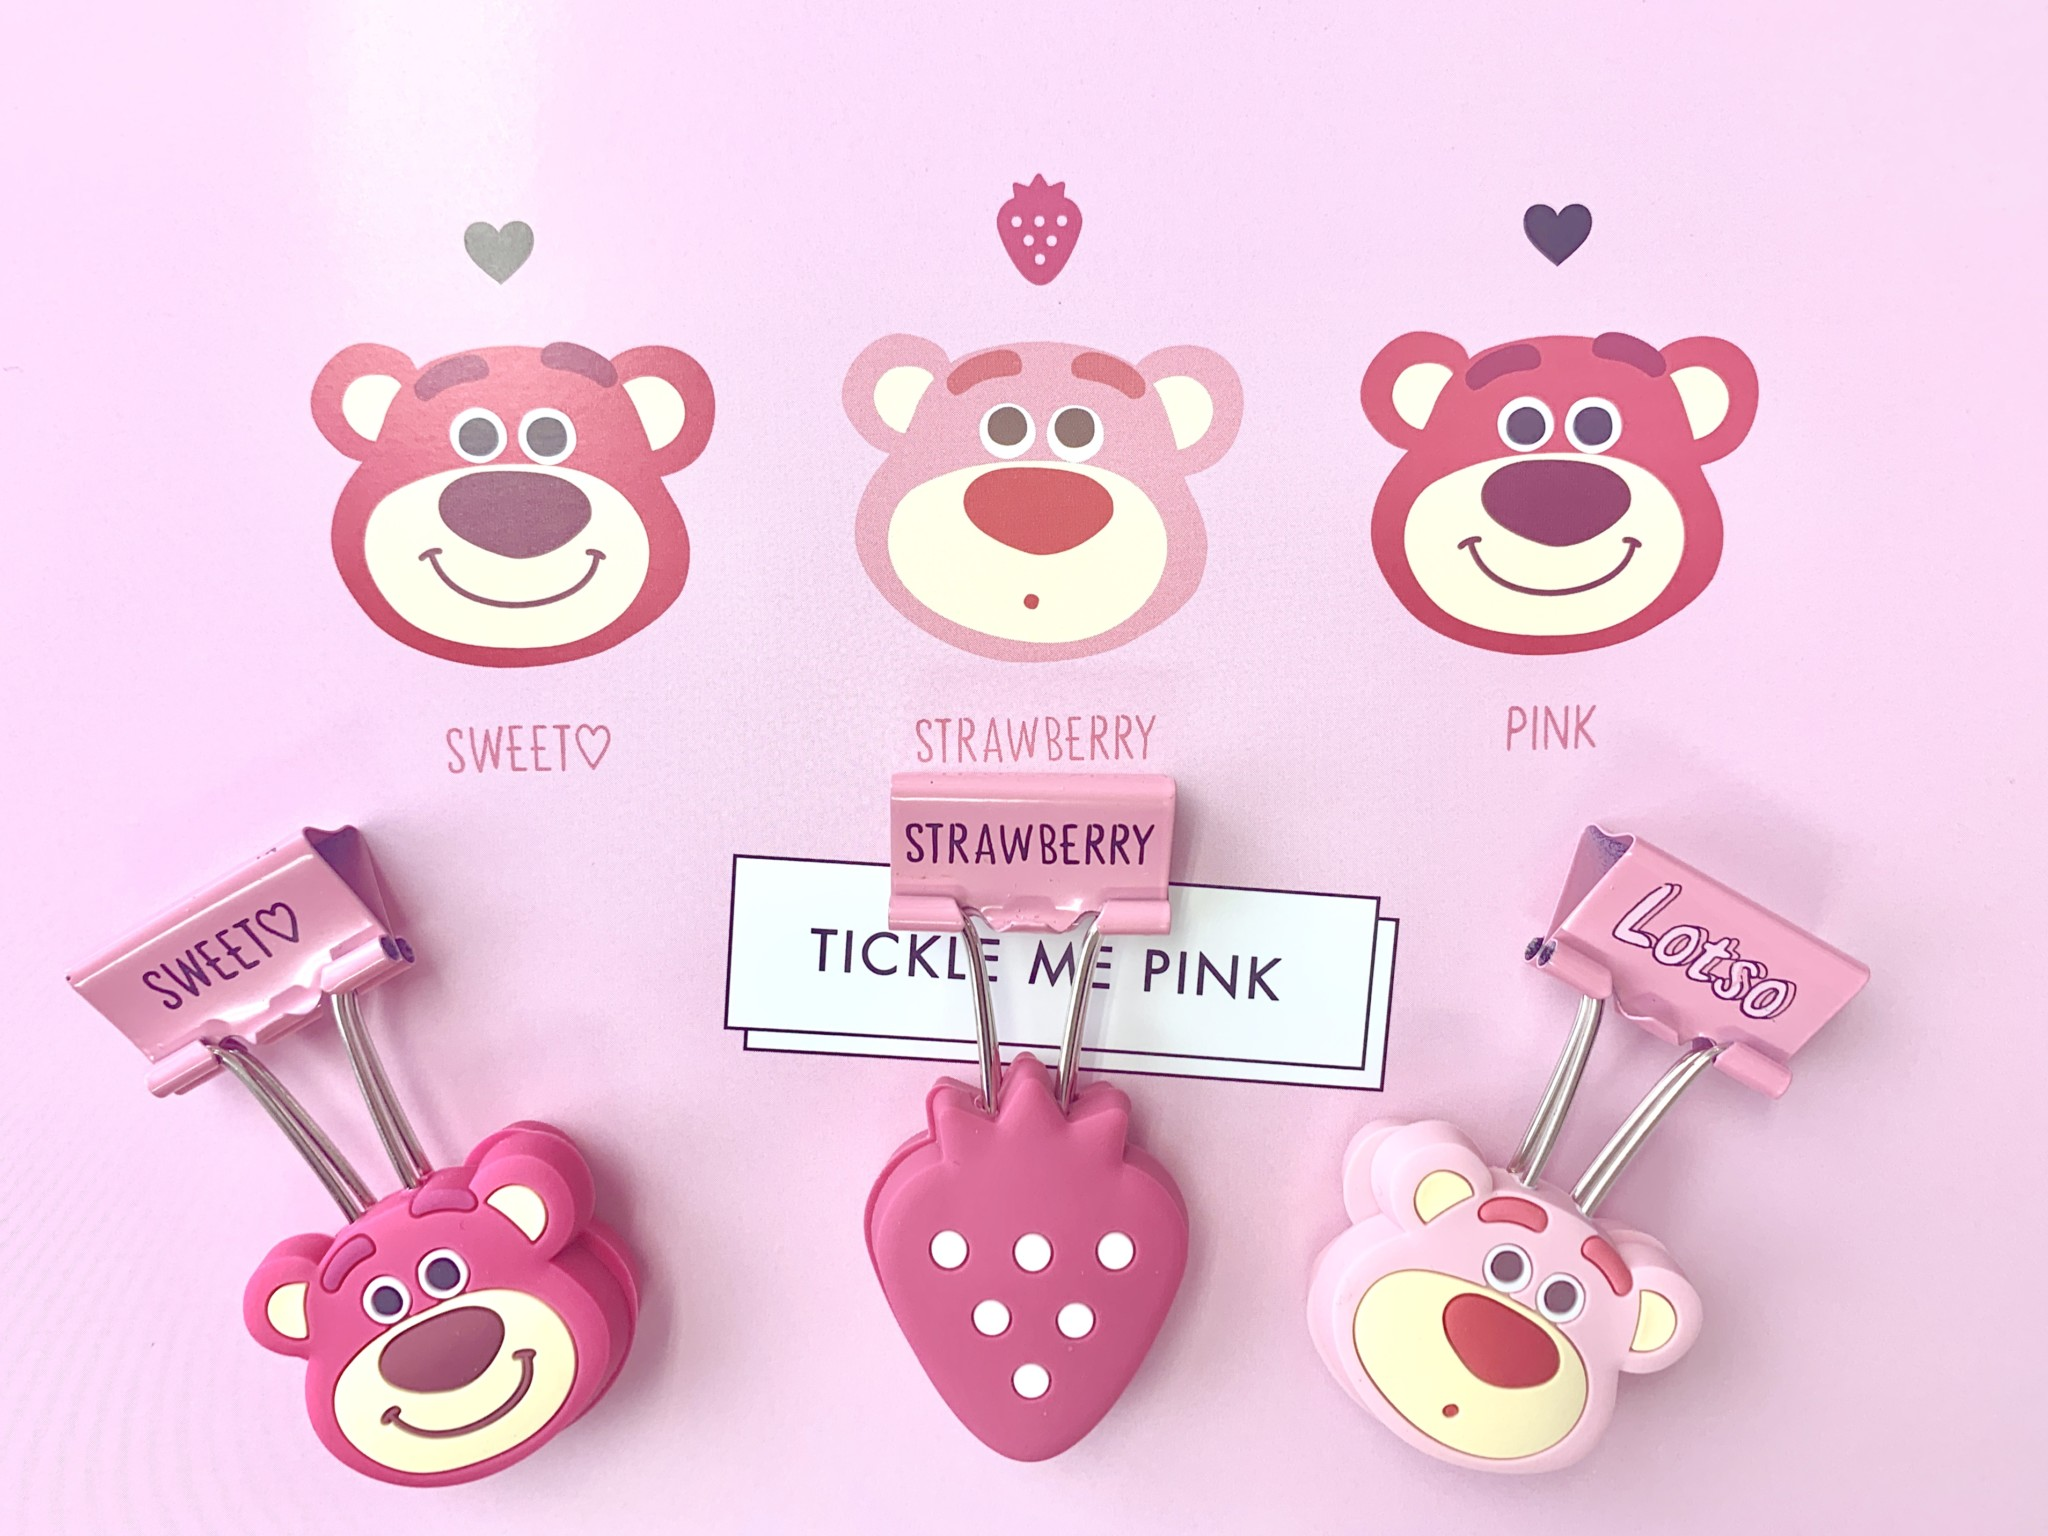 ディズニーストア「ロッツォ」Pink Stationery グッズが可愛すぎる3